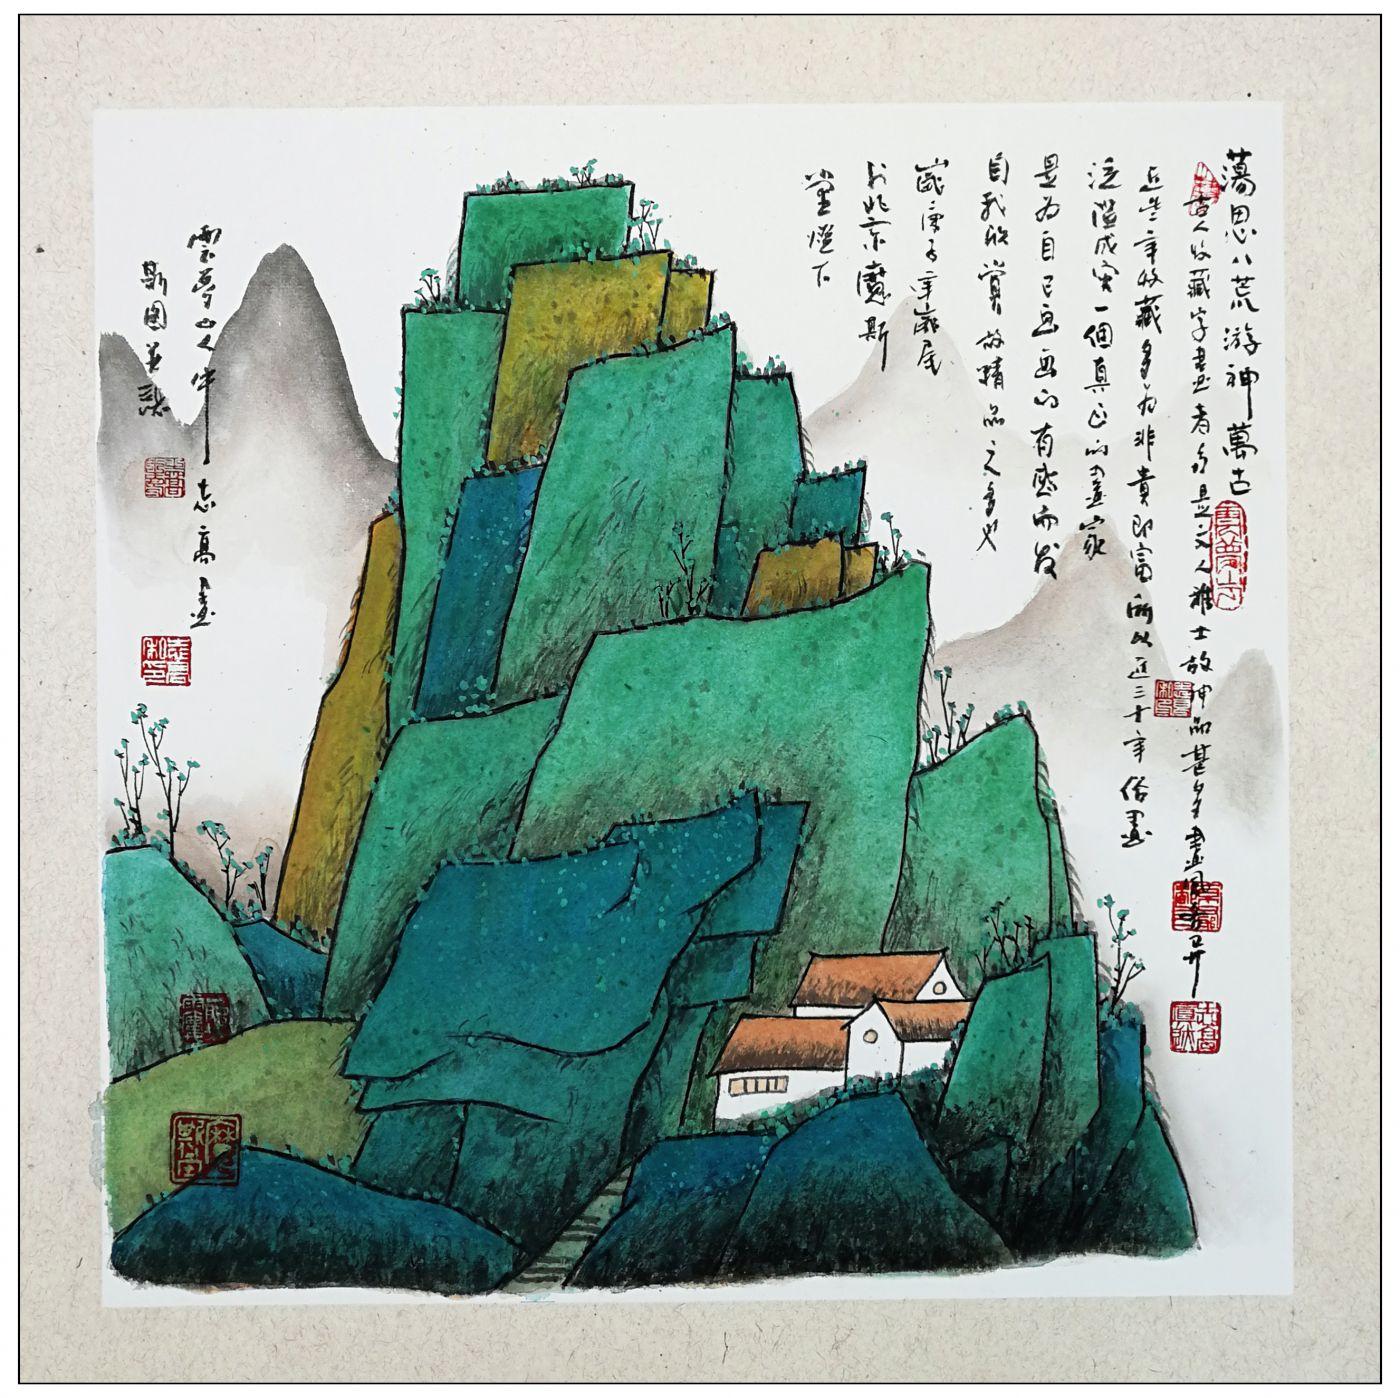 牛志高山水画精品100付集粹---2021.01.05_图1-56